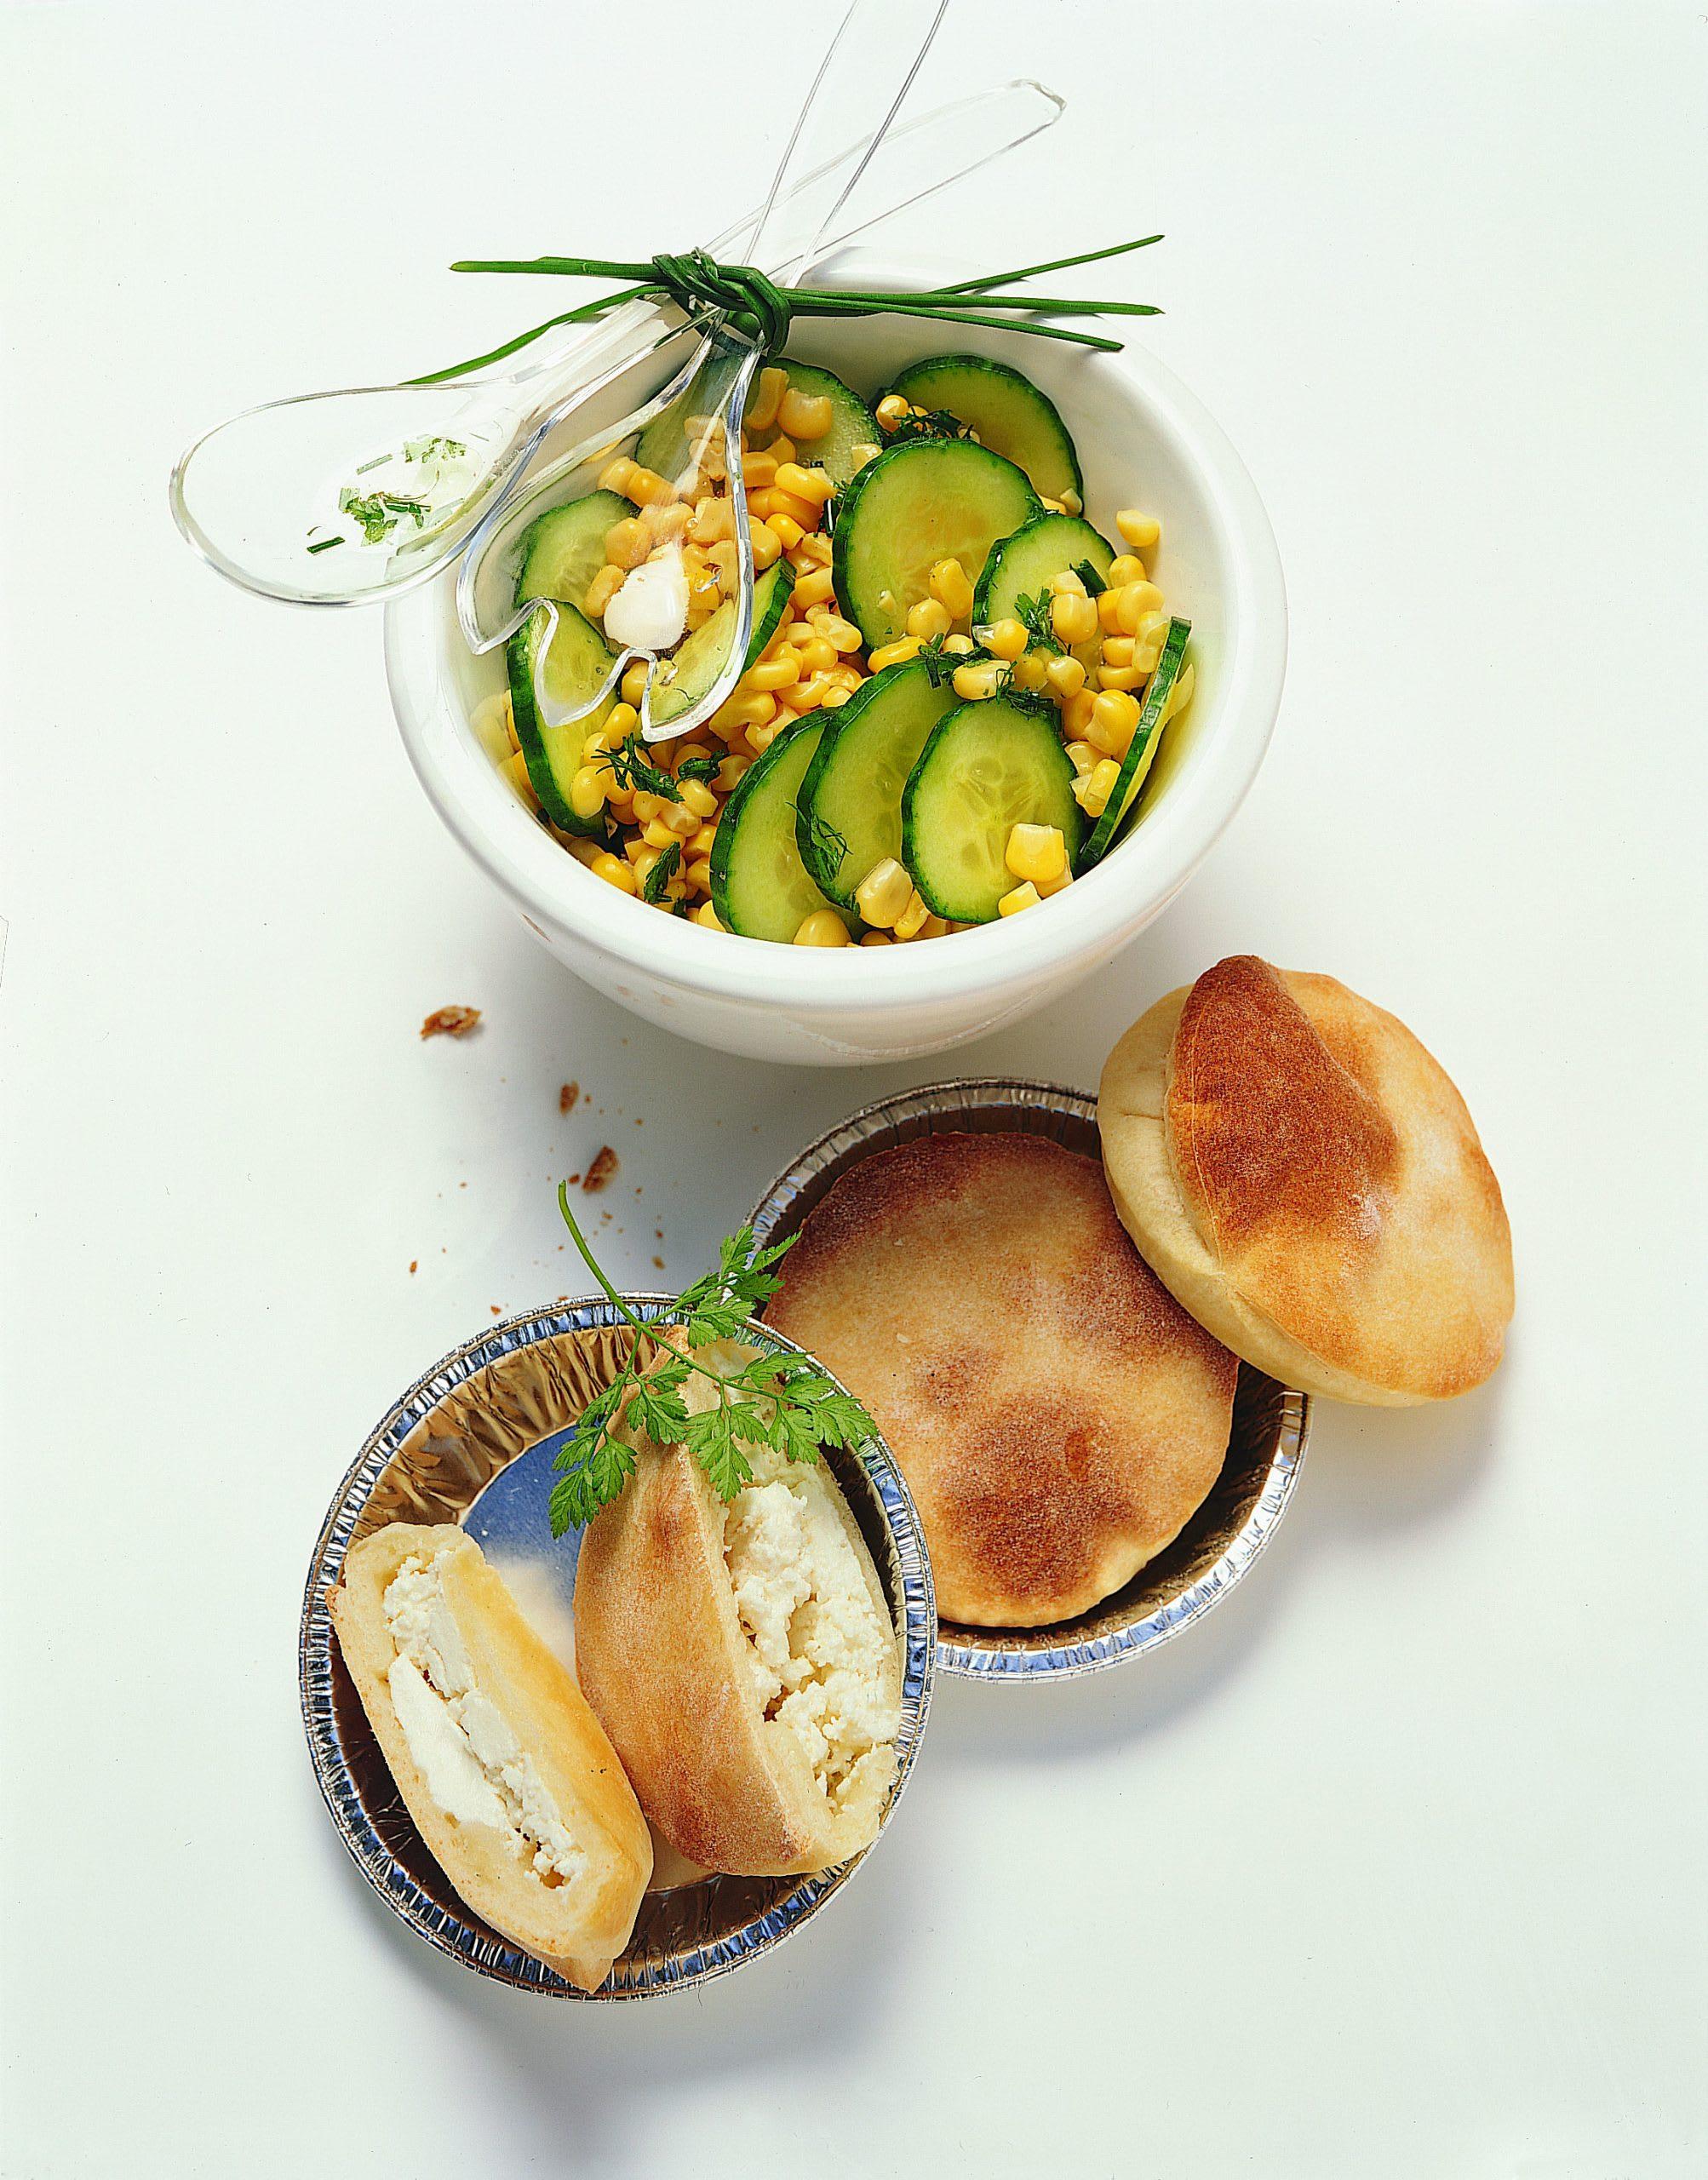 Tartelettes au fromage frais salade concombre et maïs